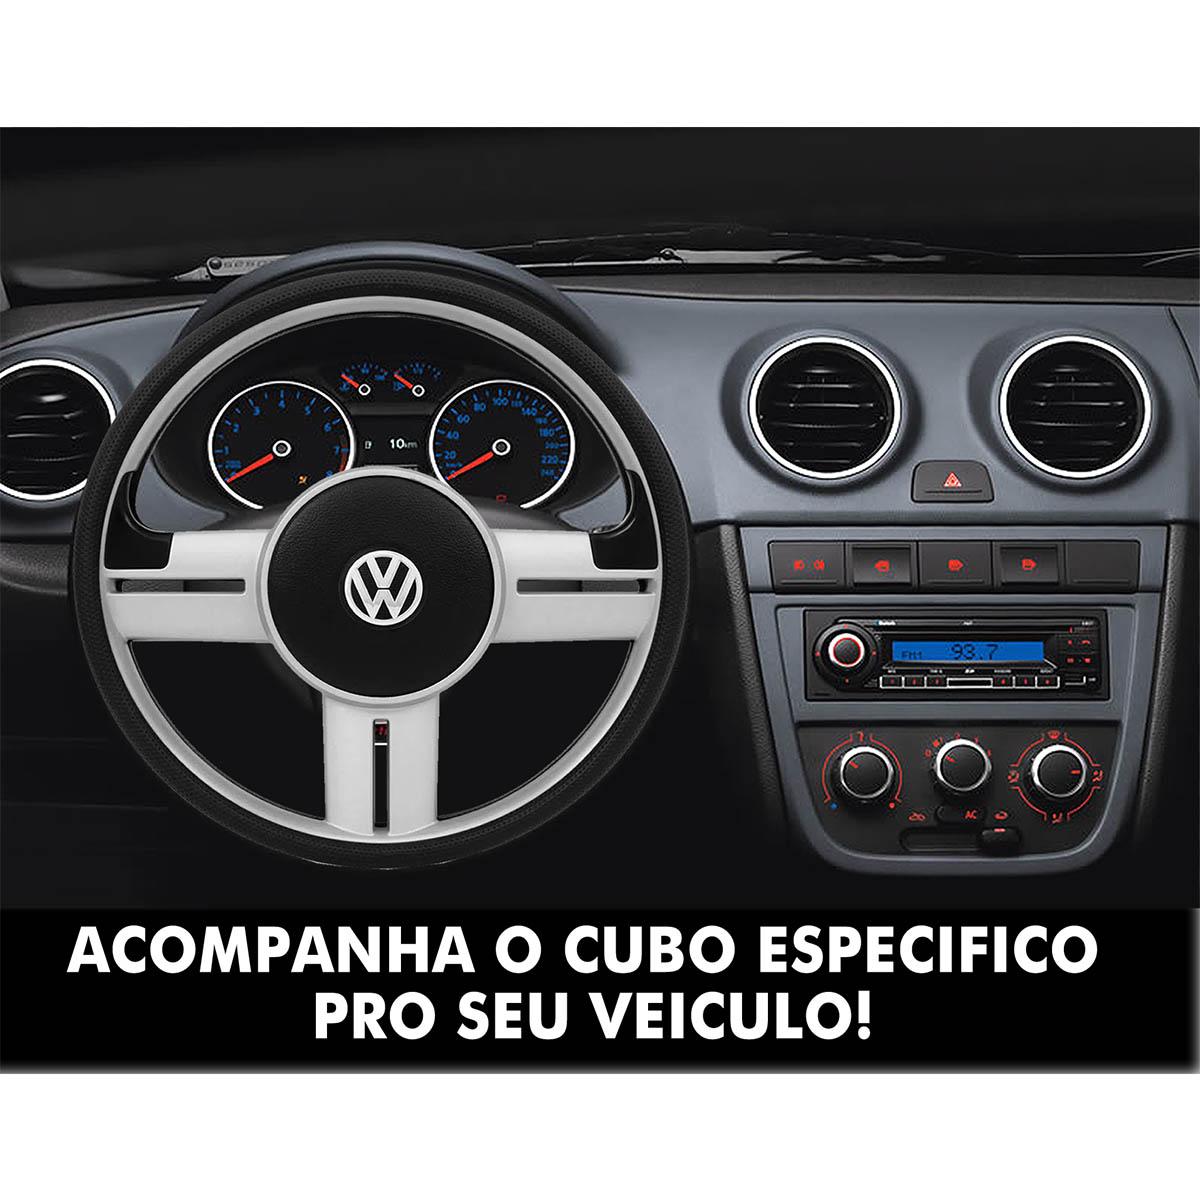 Volante Volkswagen Surf Rallye Esportivo Cubo Atacado Poliparts